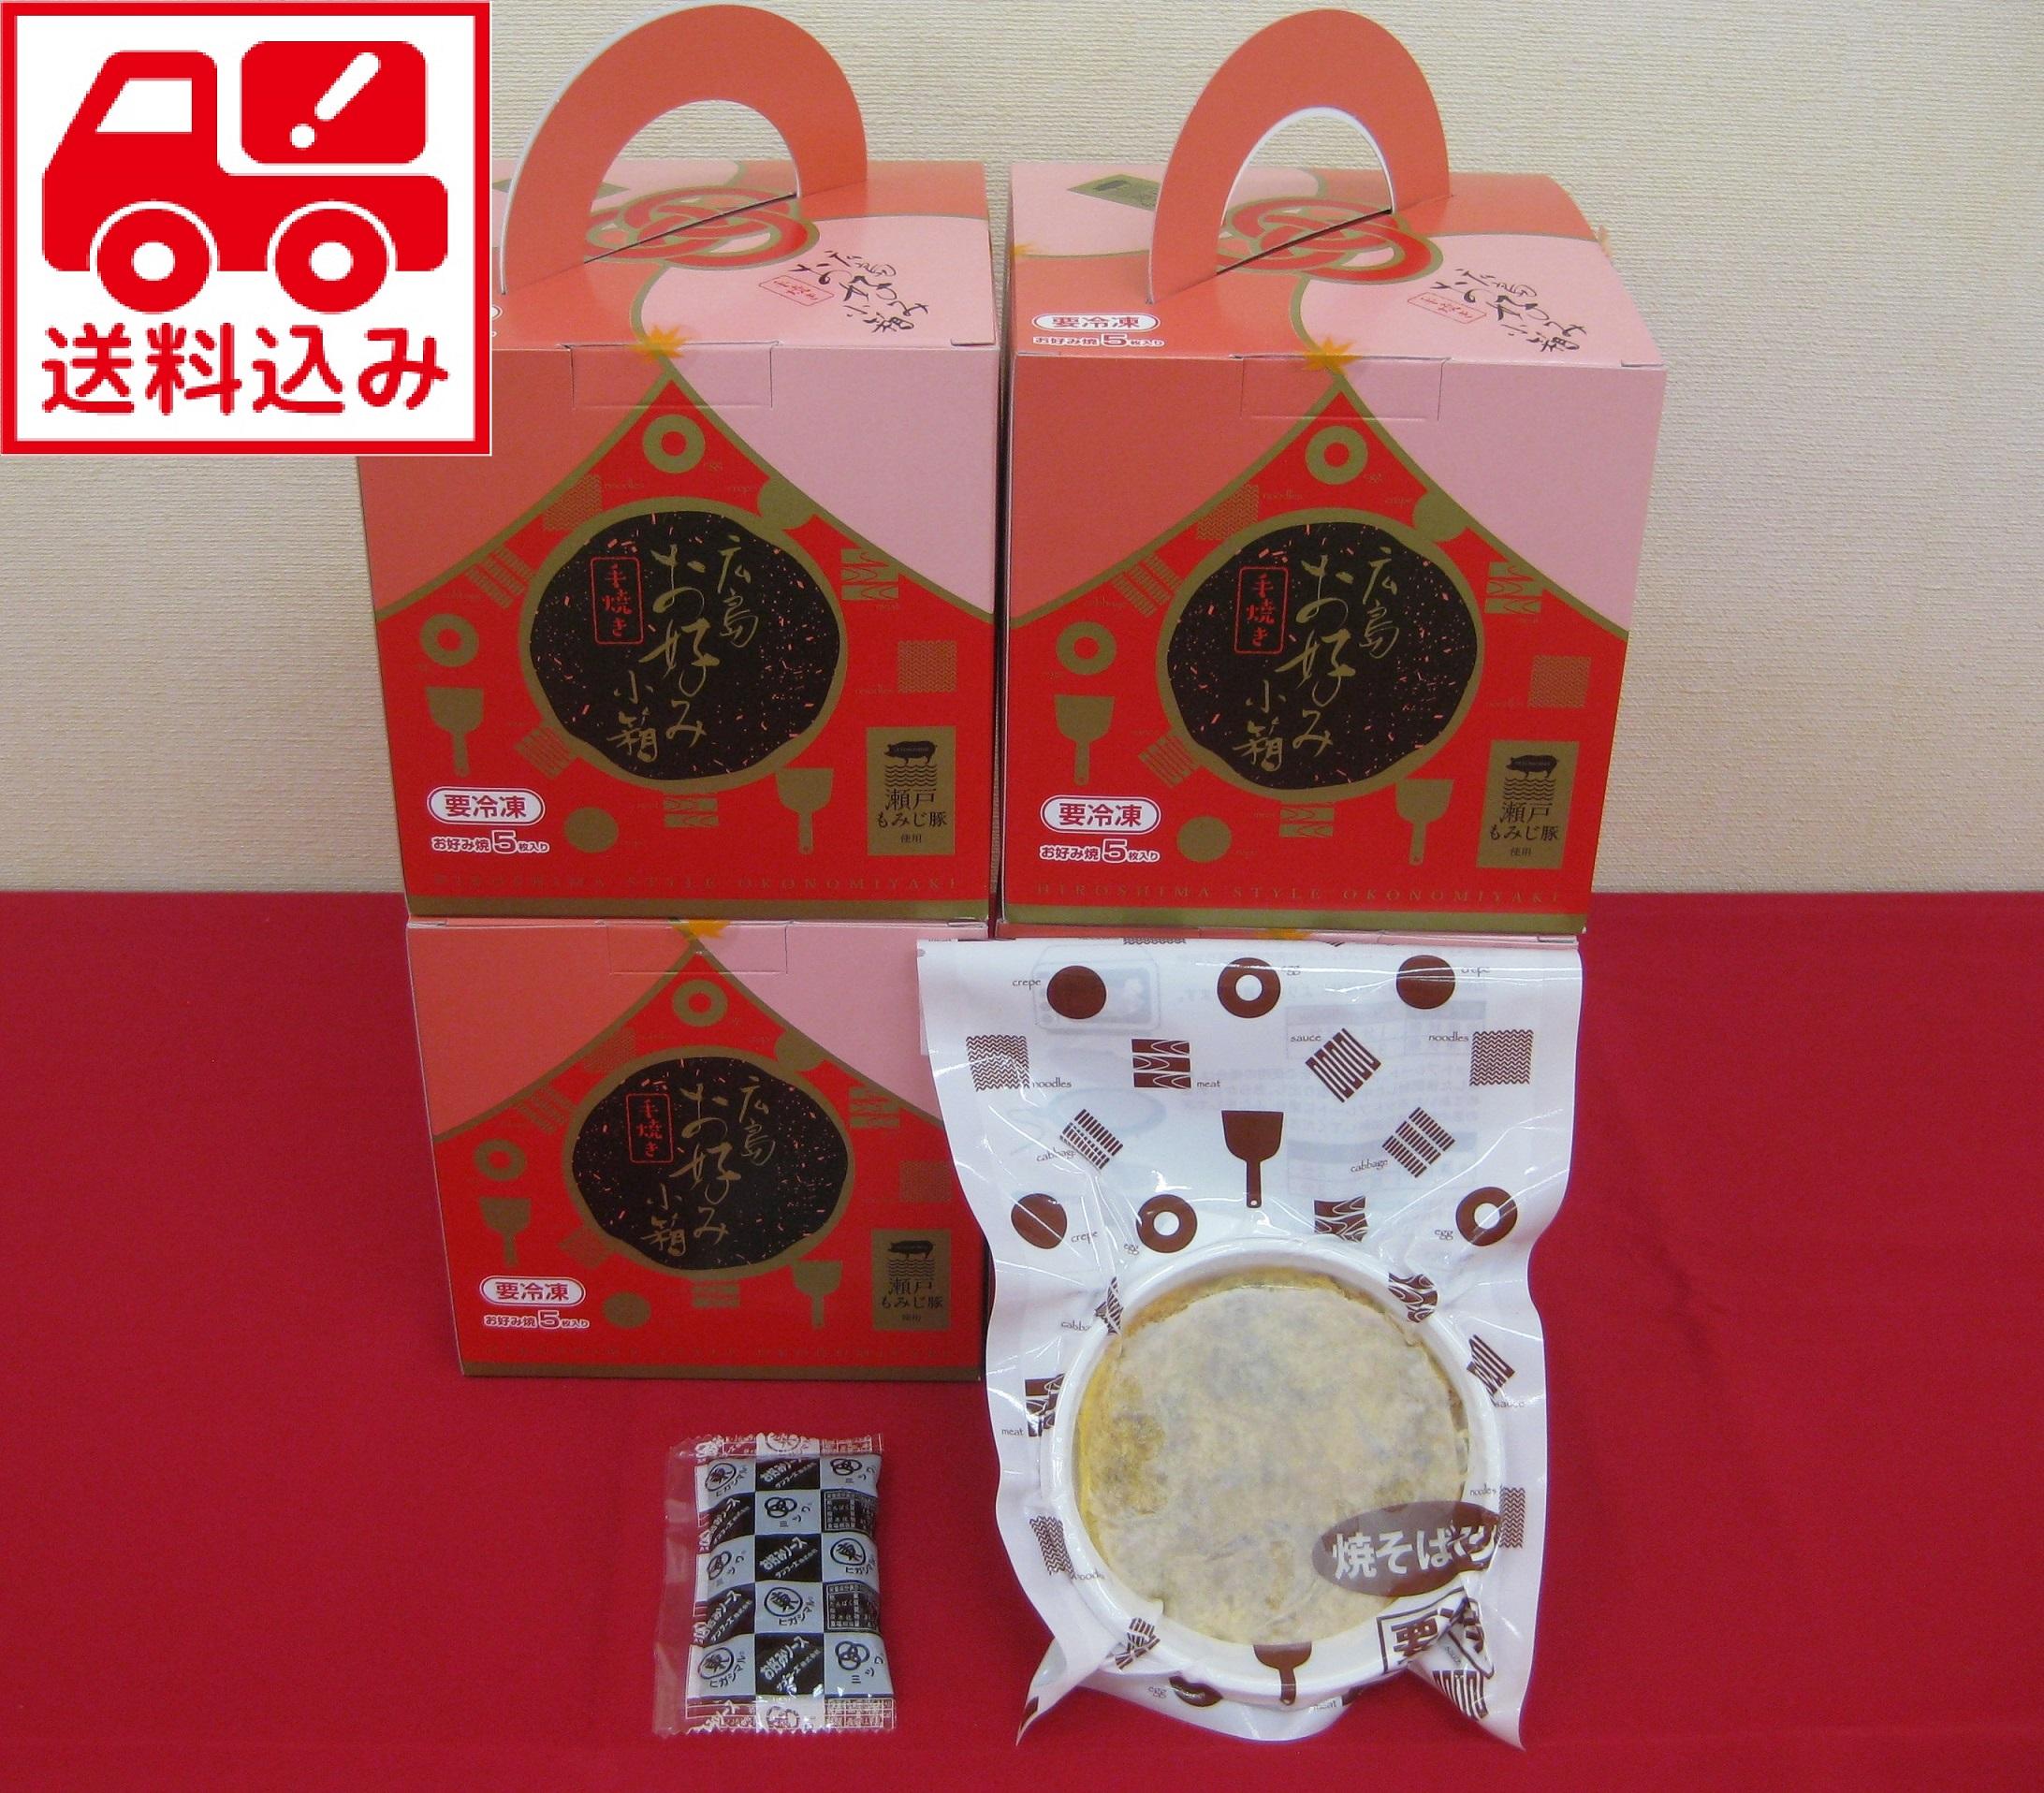 冷凍お好み焼「広島お好み小箱」(100g×5枚入)×4お得セット (商品番号T-006)